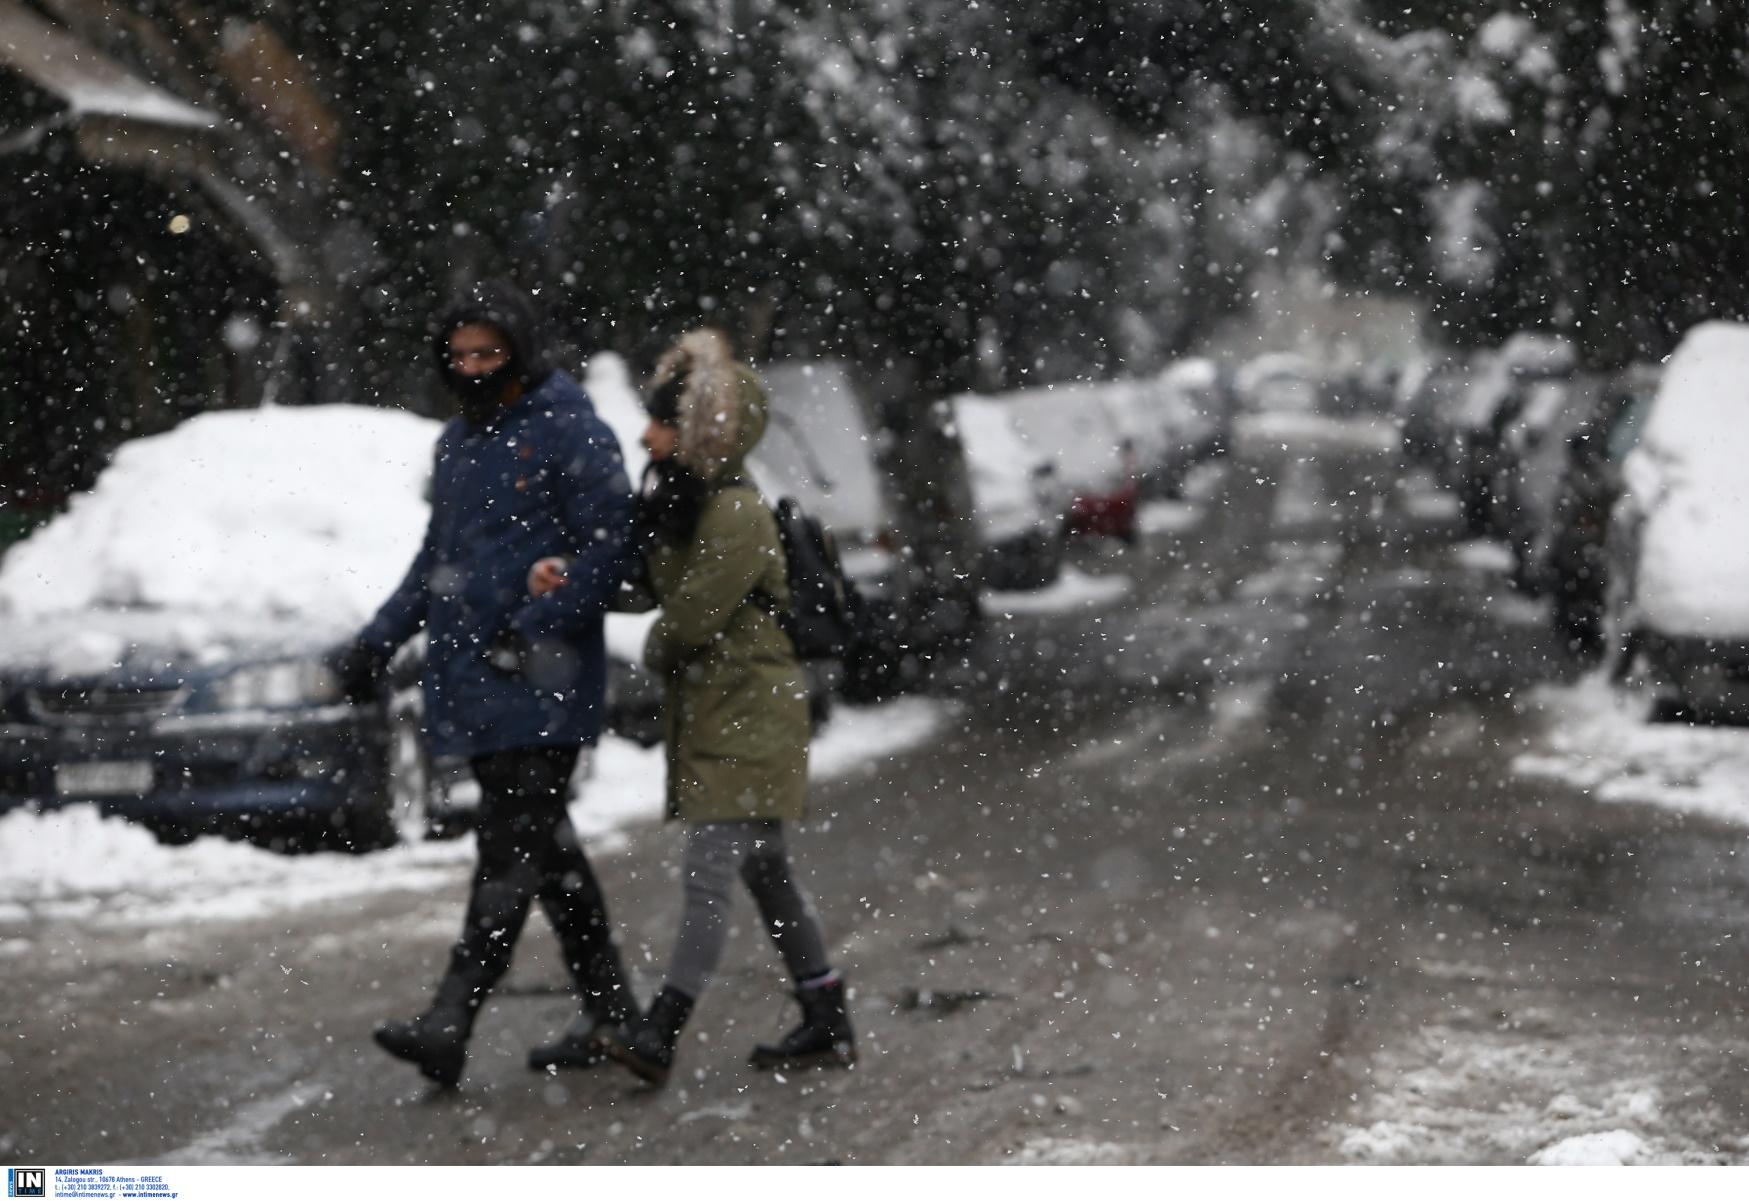 Καιρός σήμερα: Ο χειμώνας είναι εδώ – Σε ποιες περιοχές θα χιονίζει και θα βρέχει